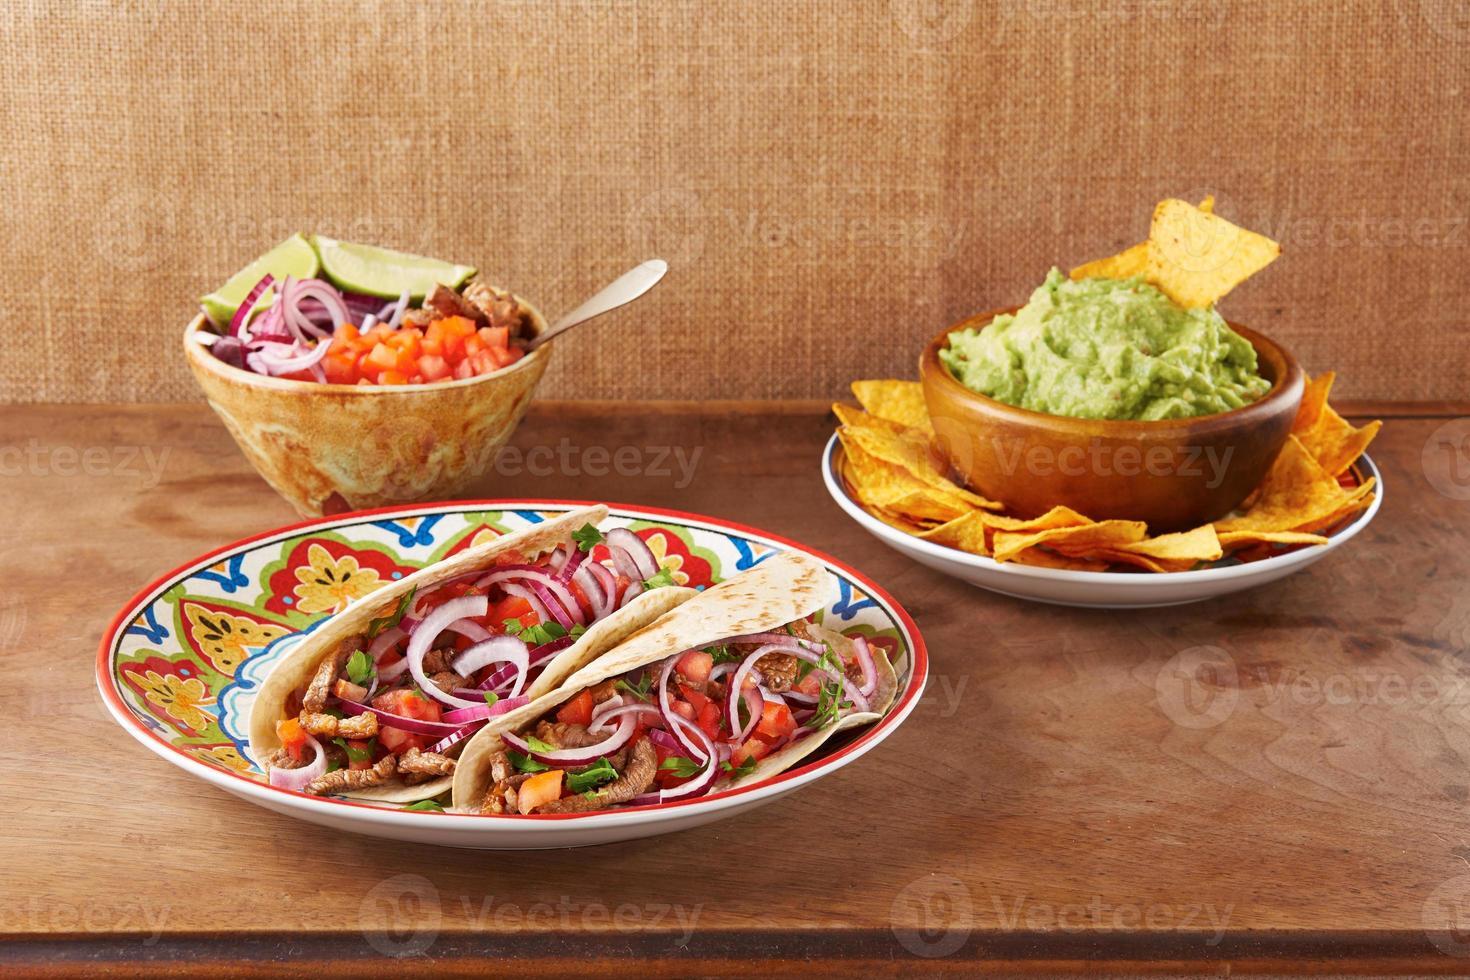 viande de boeuf et légumes tacos mexicains photo